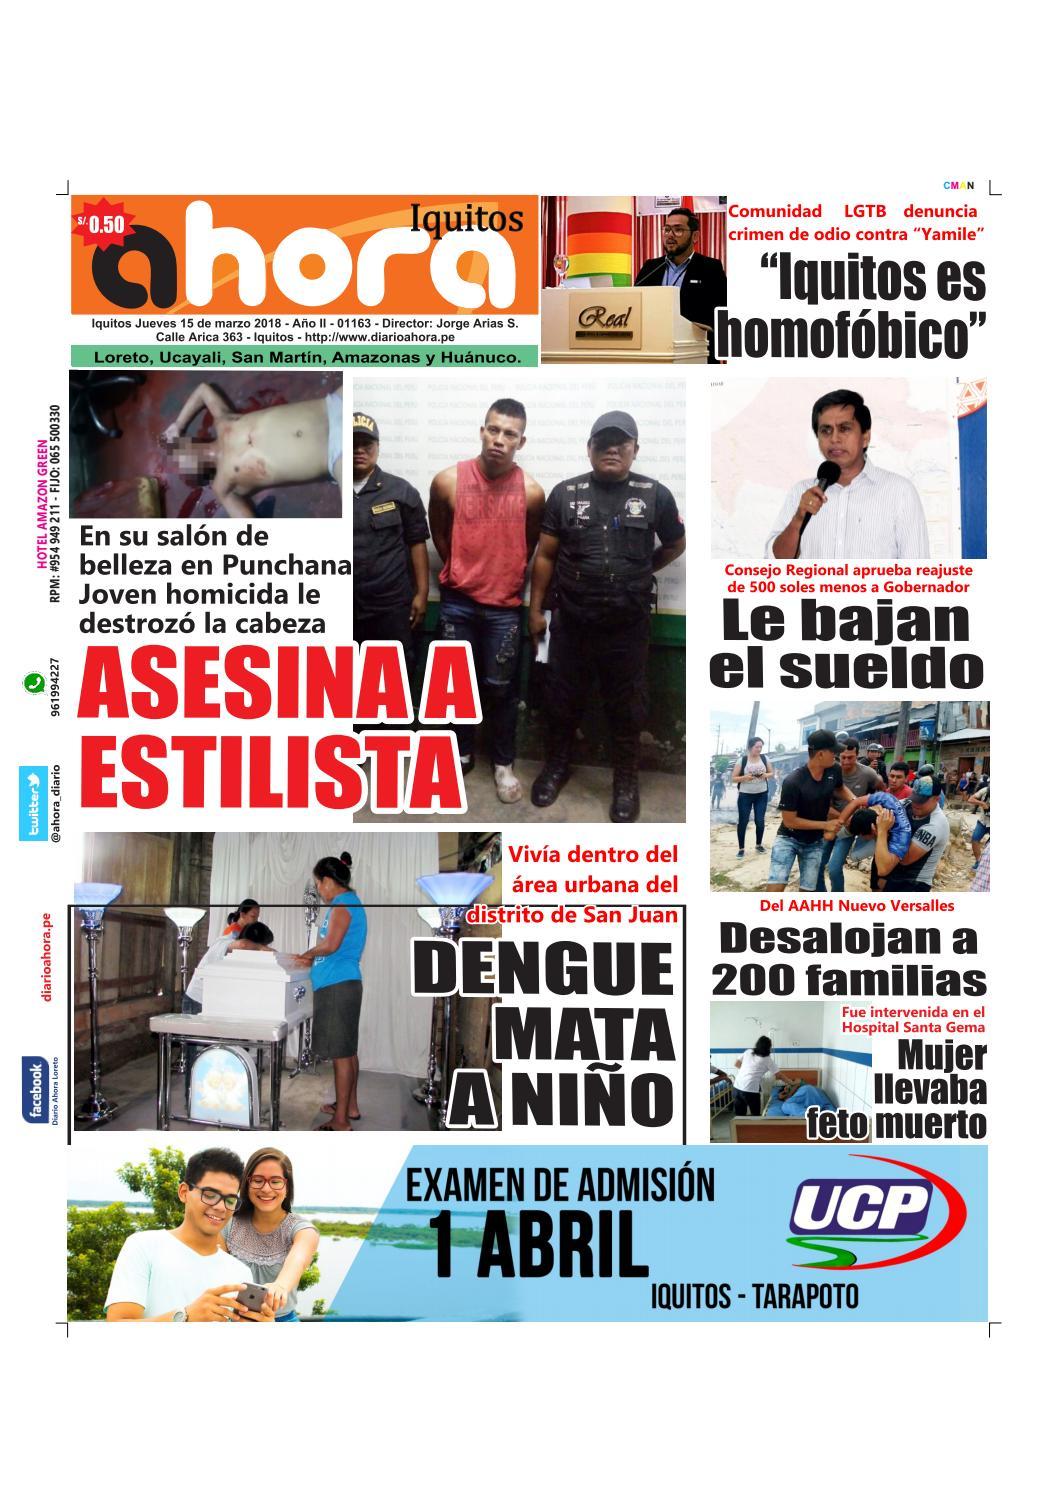 Iquitos 15 de marzo del 2018 by Jonatan Arias - issuu